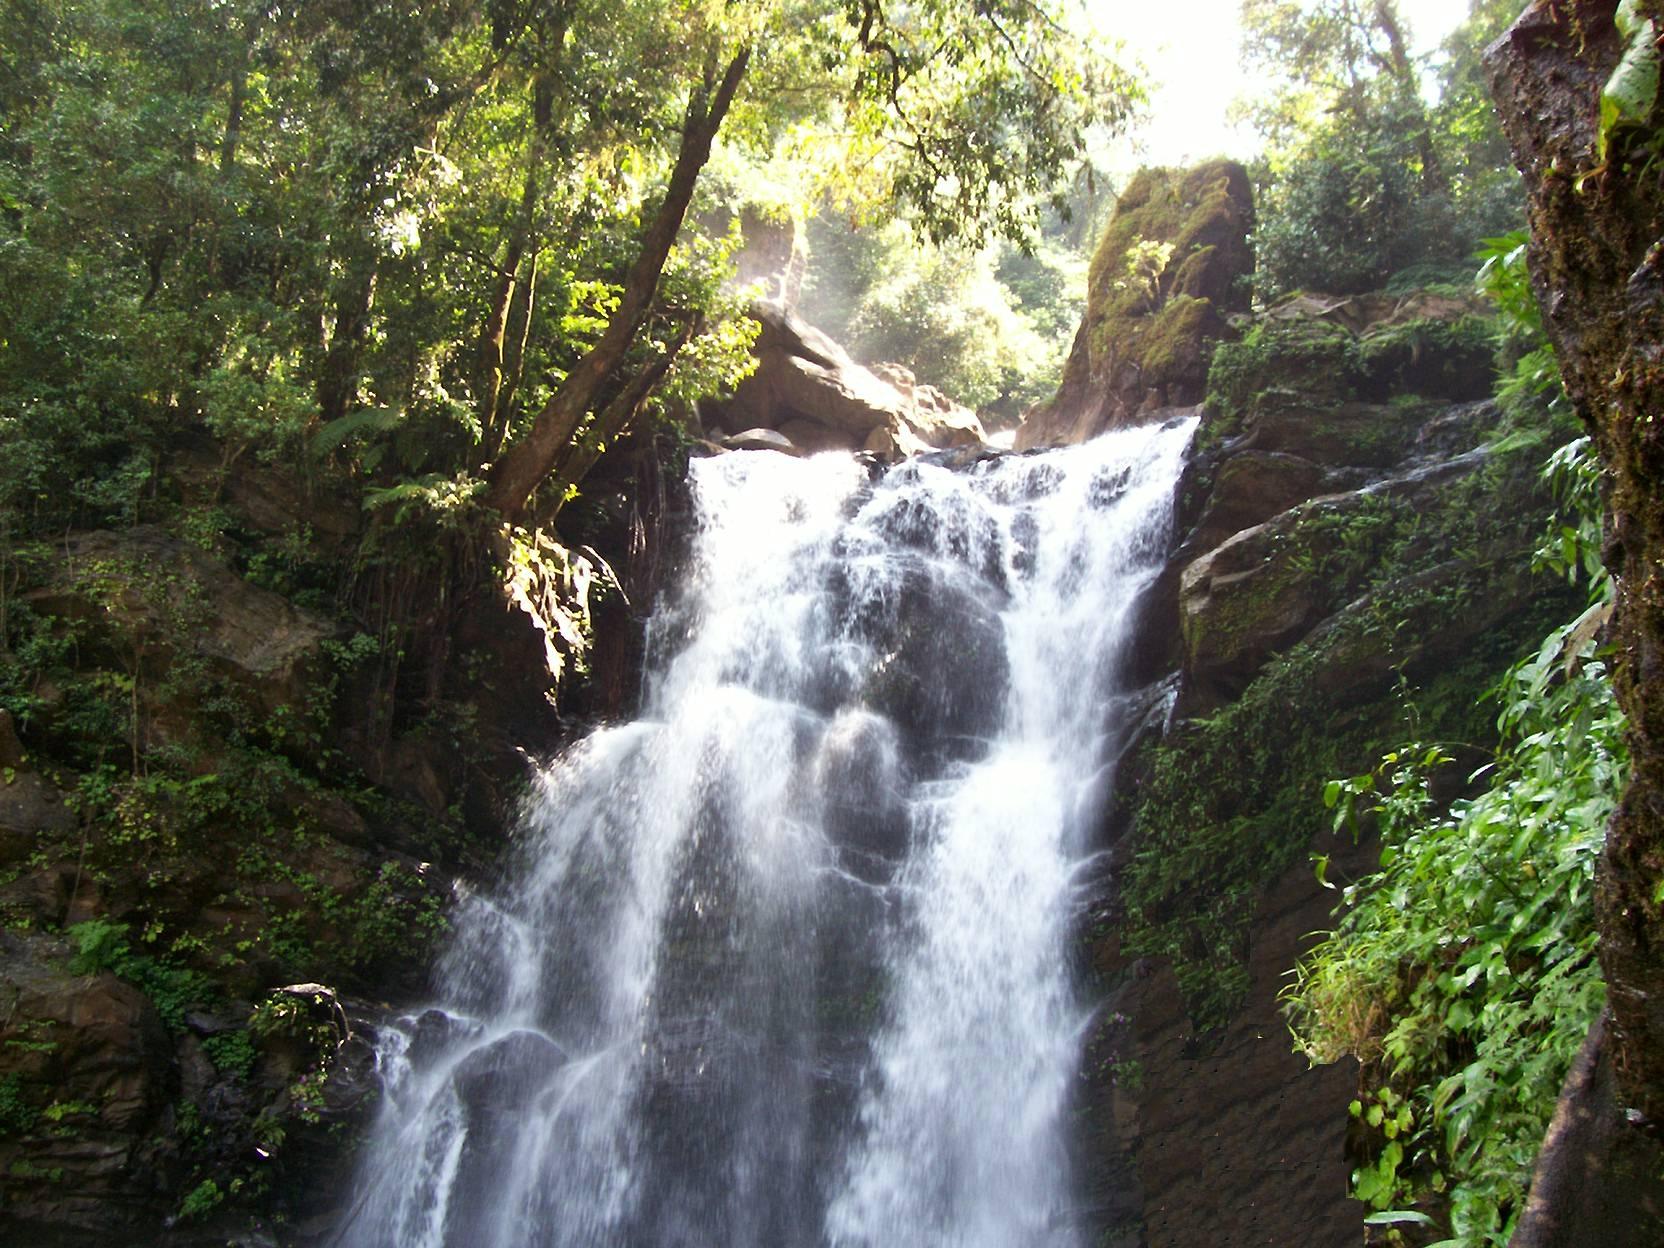 Hamumanagudni Falls